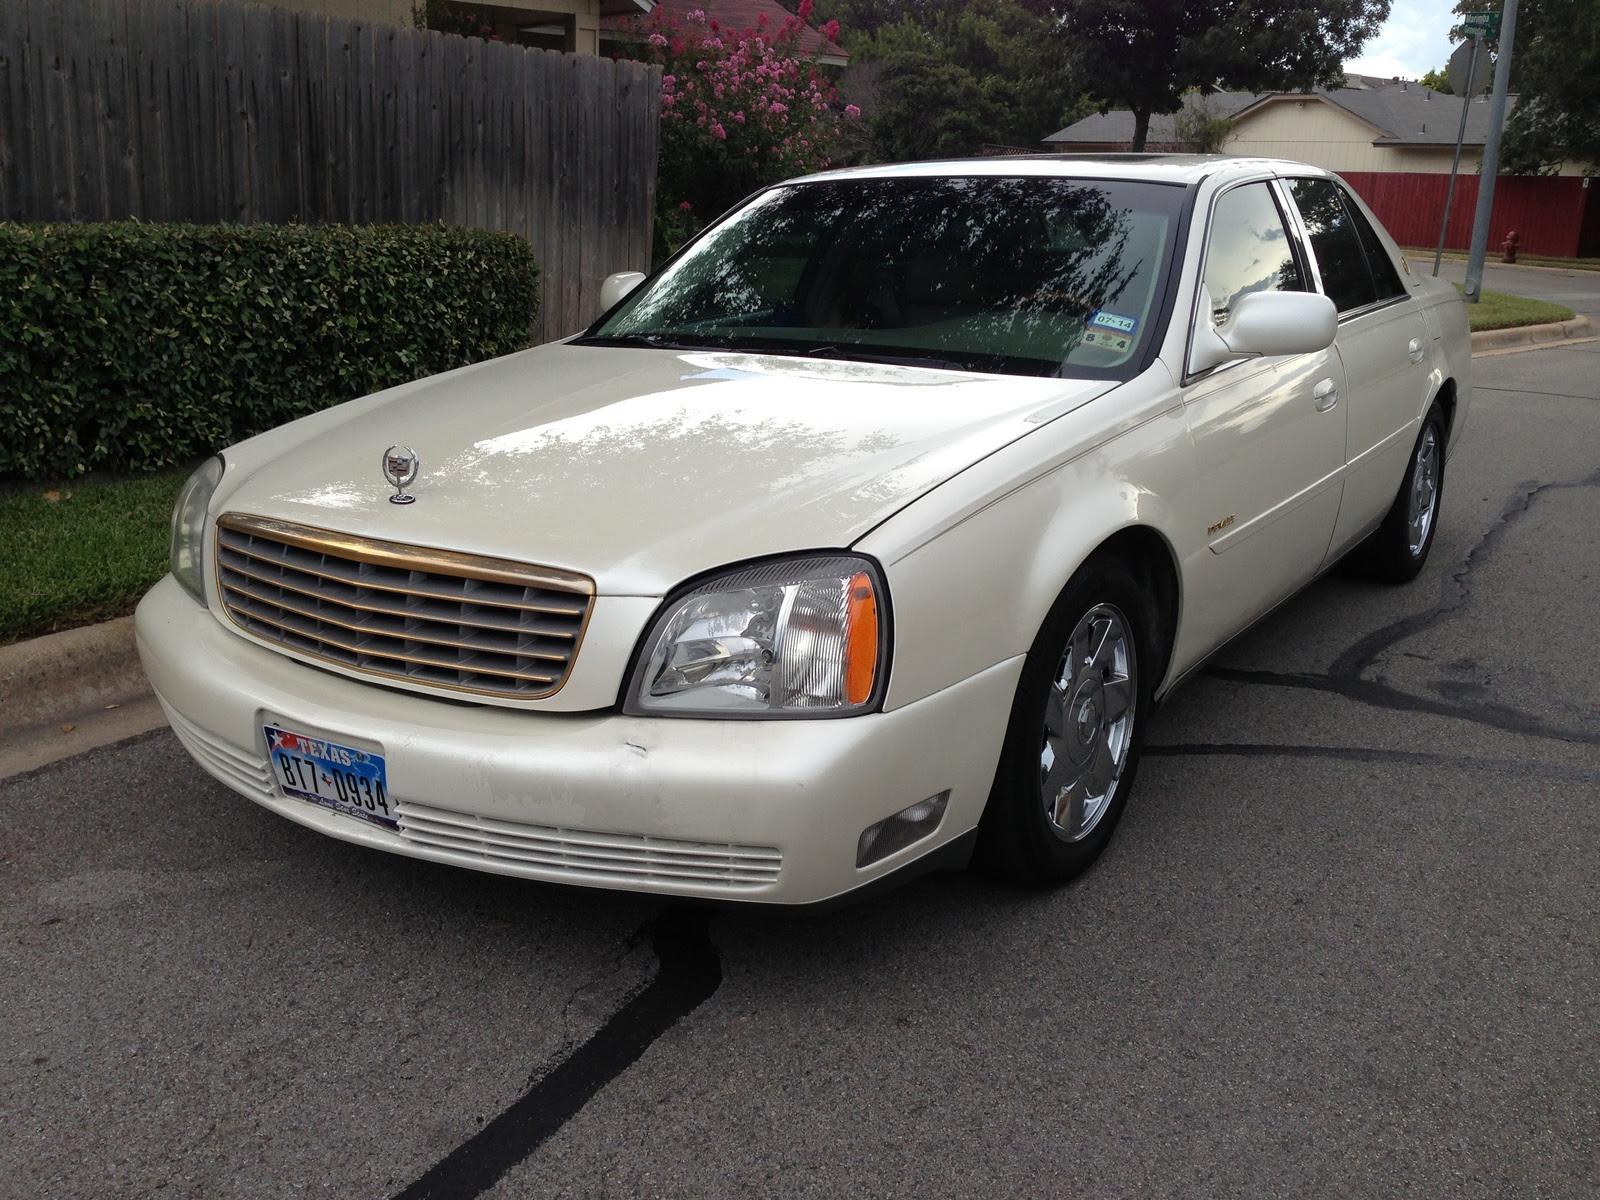 2003 Cadillac DeVille - Pictures - CarGurus